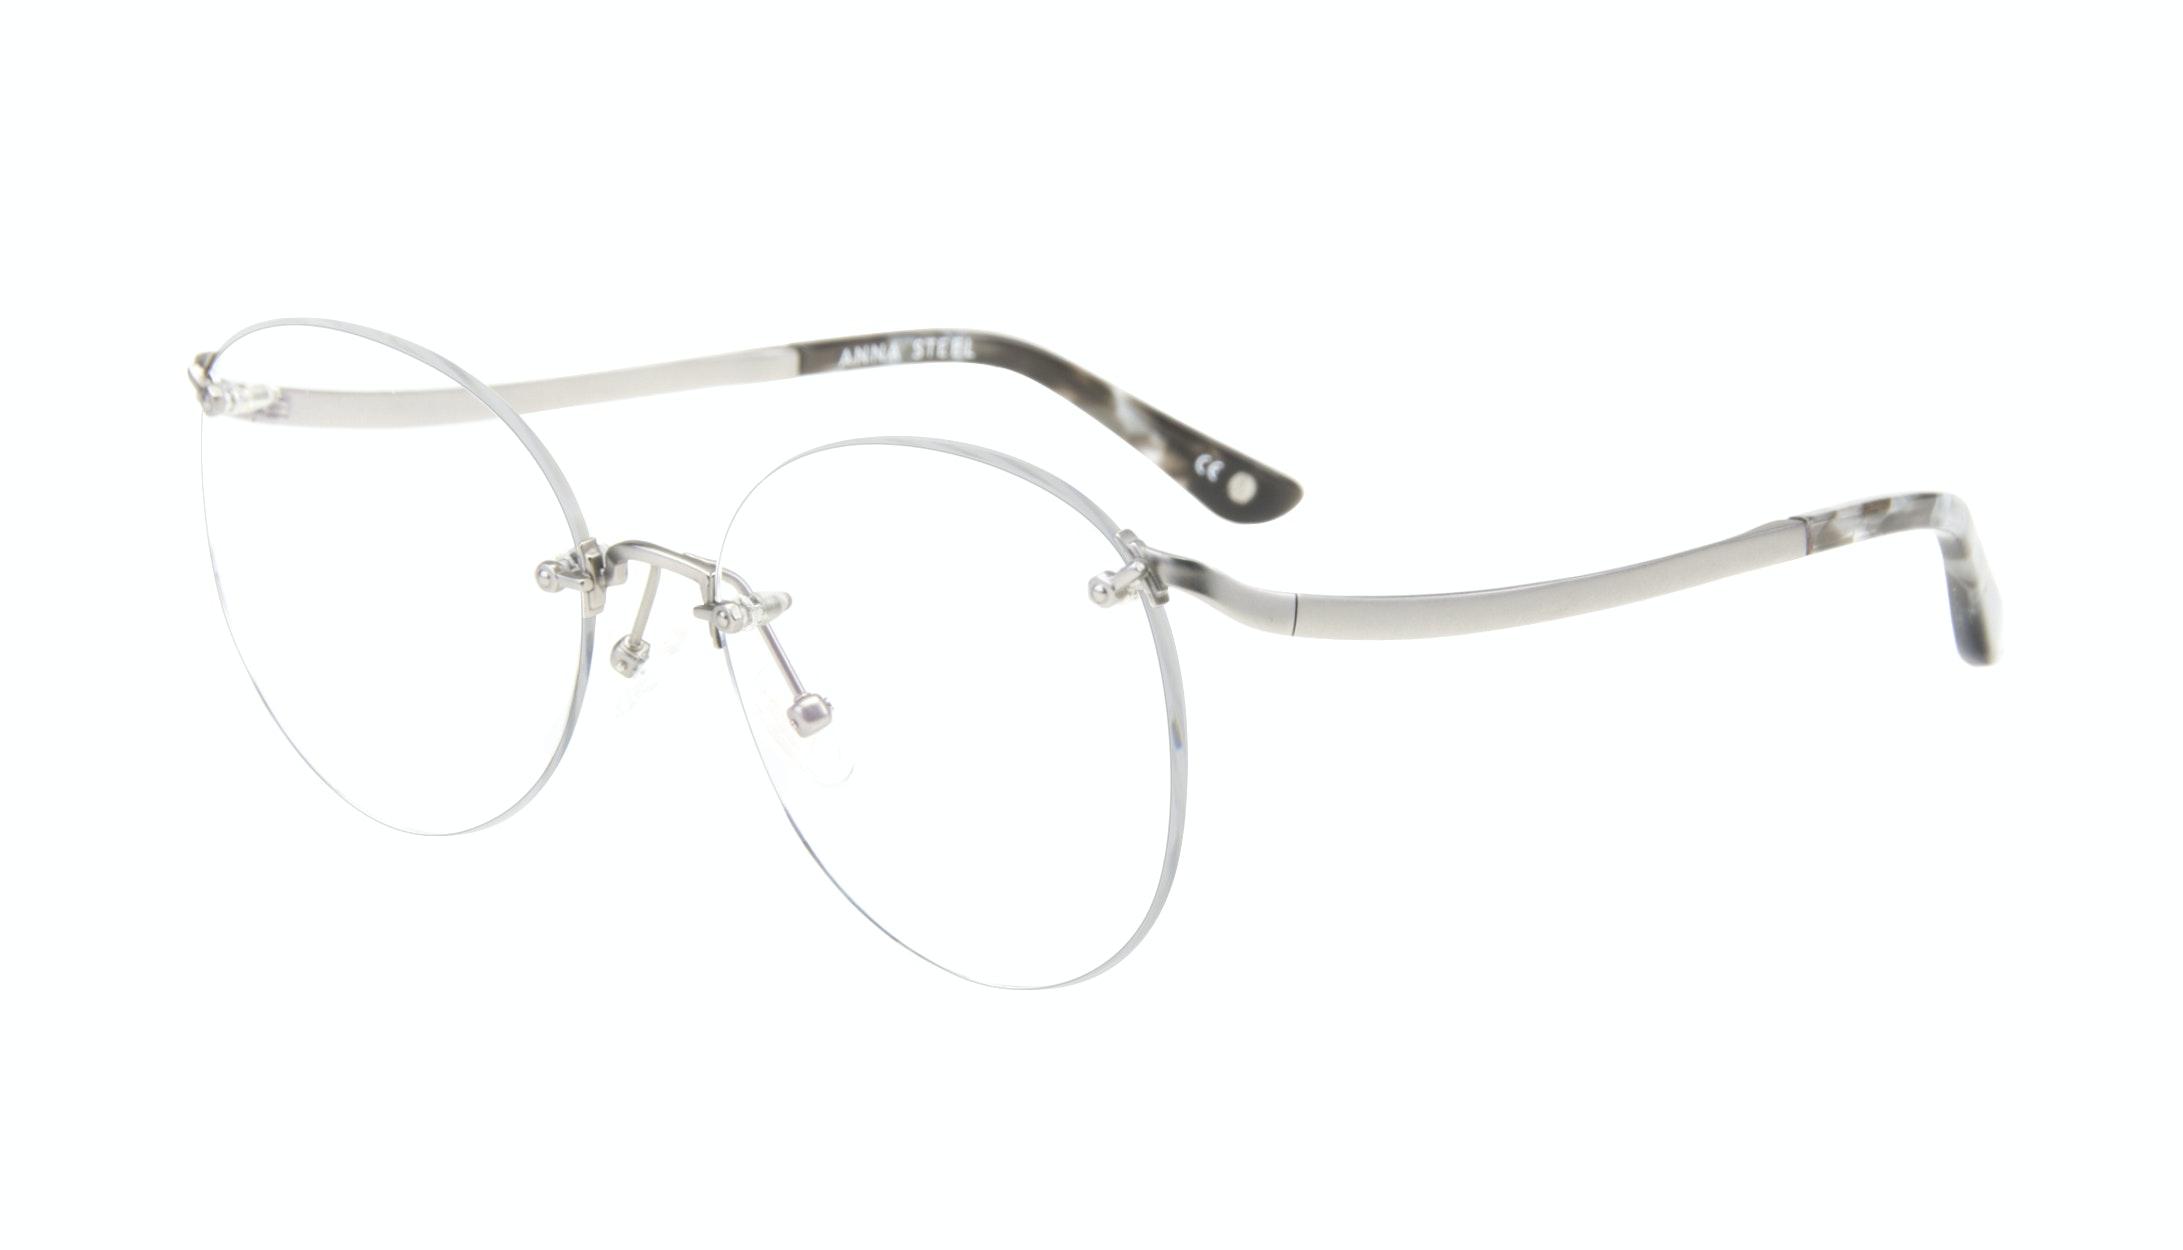 Affordable Fashion Glasses Aviator Cat Eye Eyeglasses Women Anna Steel Tilt